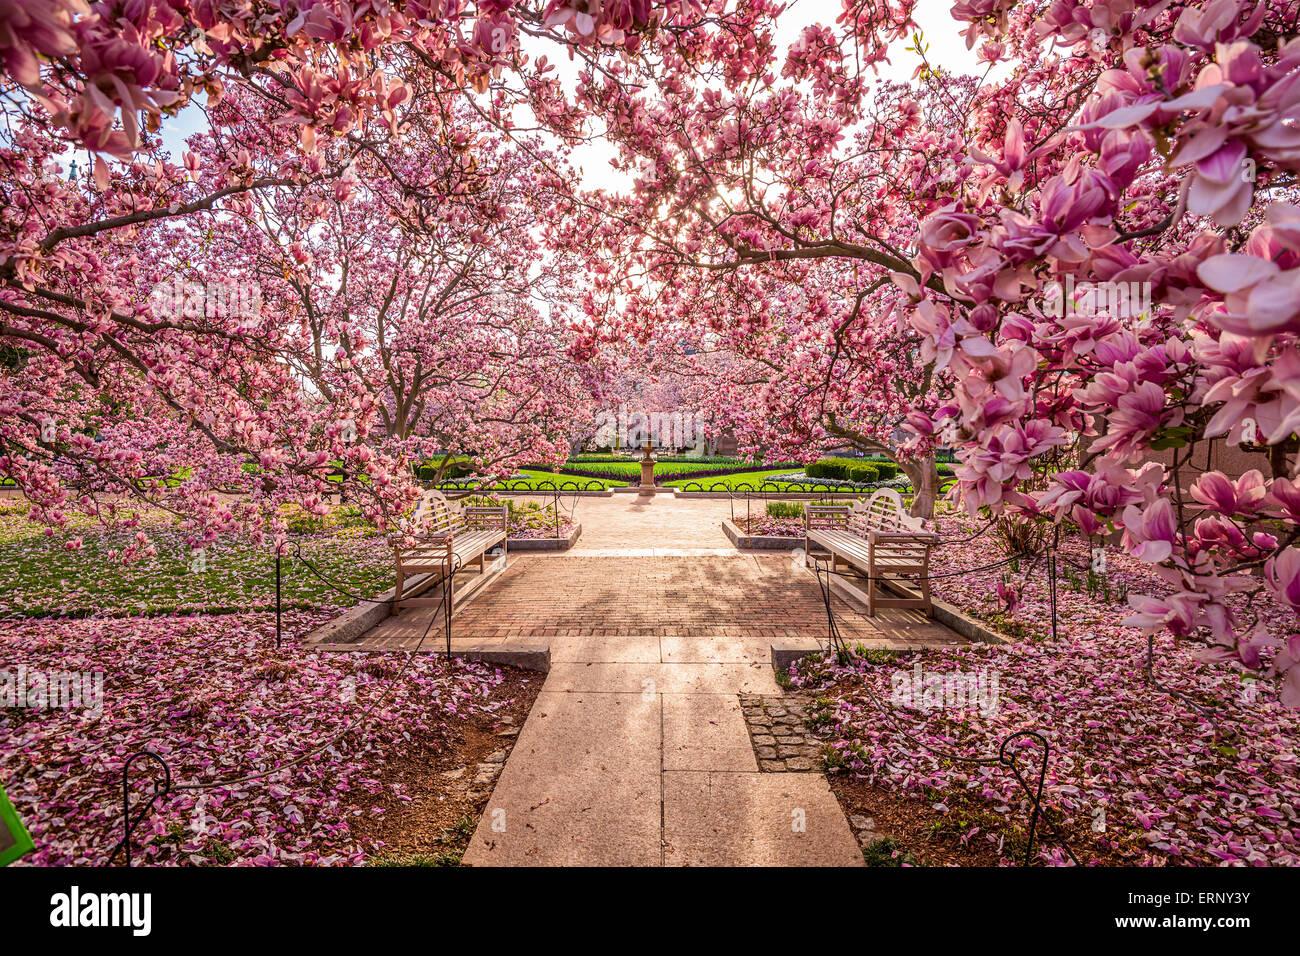 Washington DC, USA jardin de printemps près de la National Mall durant la saison de printemps. Photo Stock